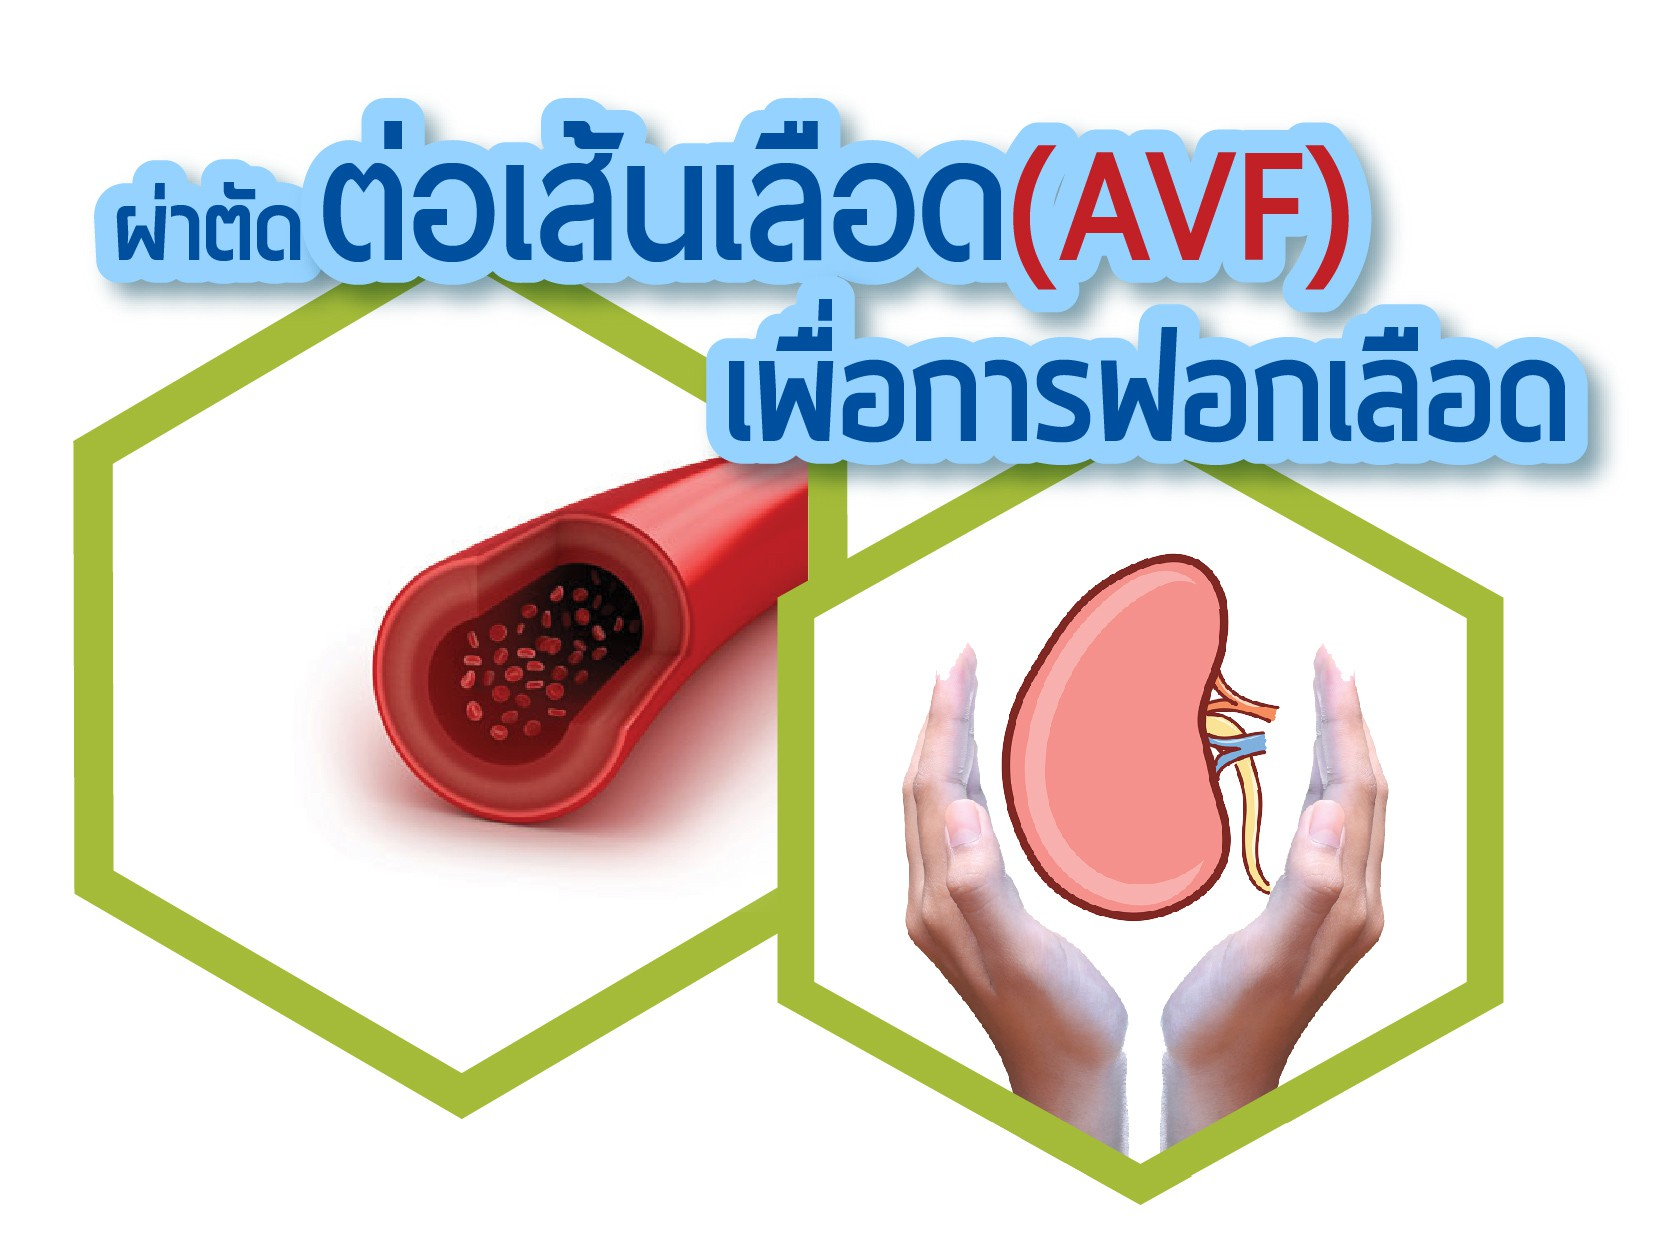 ผ่าตัดต่อเส้นเลือด เพื่อการฟอกเลือด (AVF)